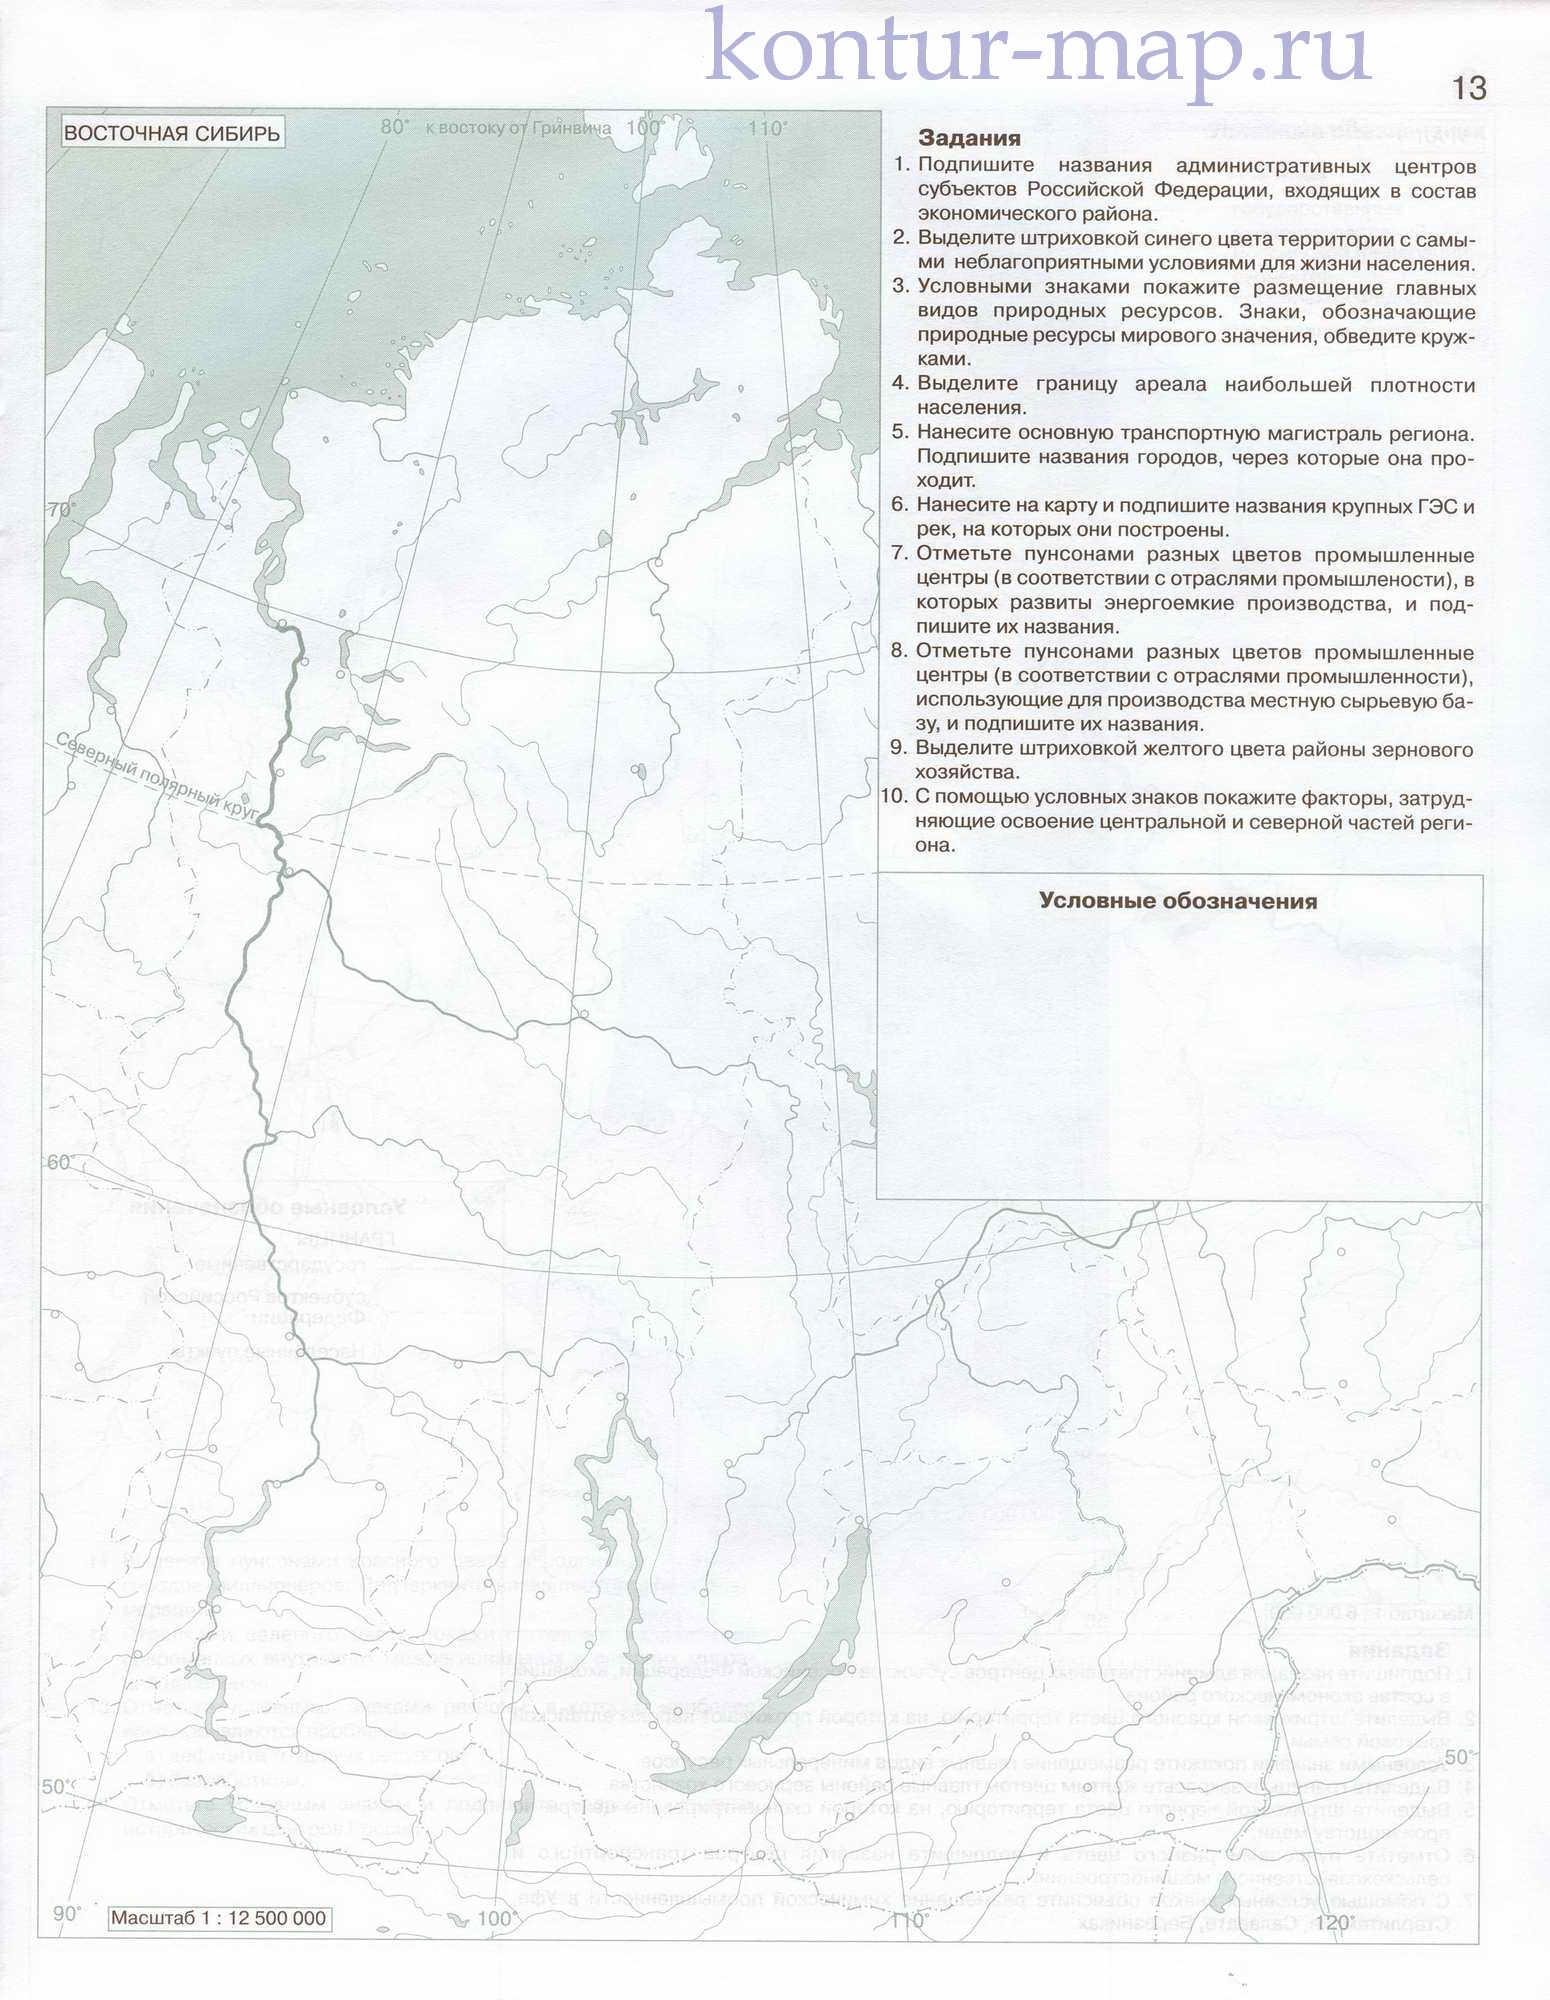 гдз по географии восточная сибирь